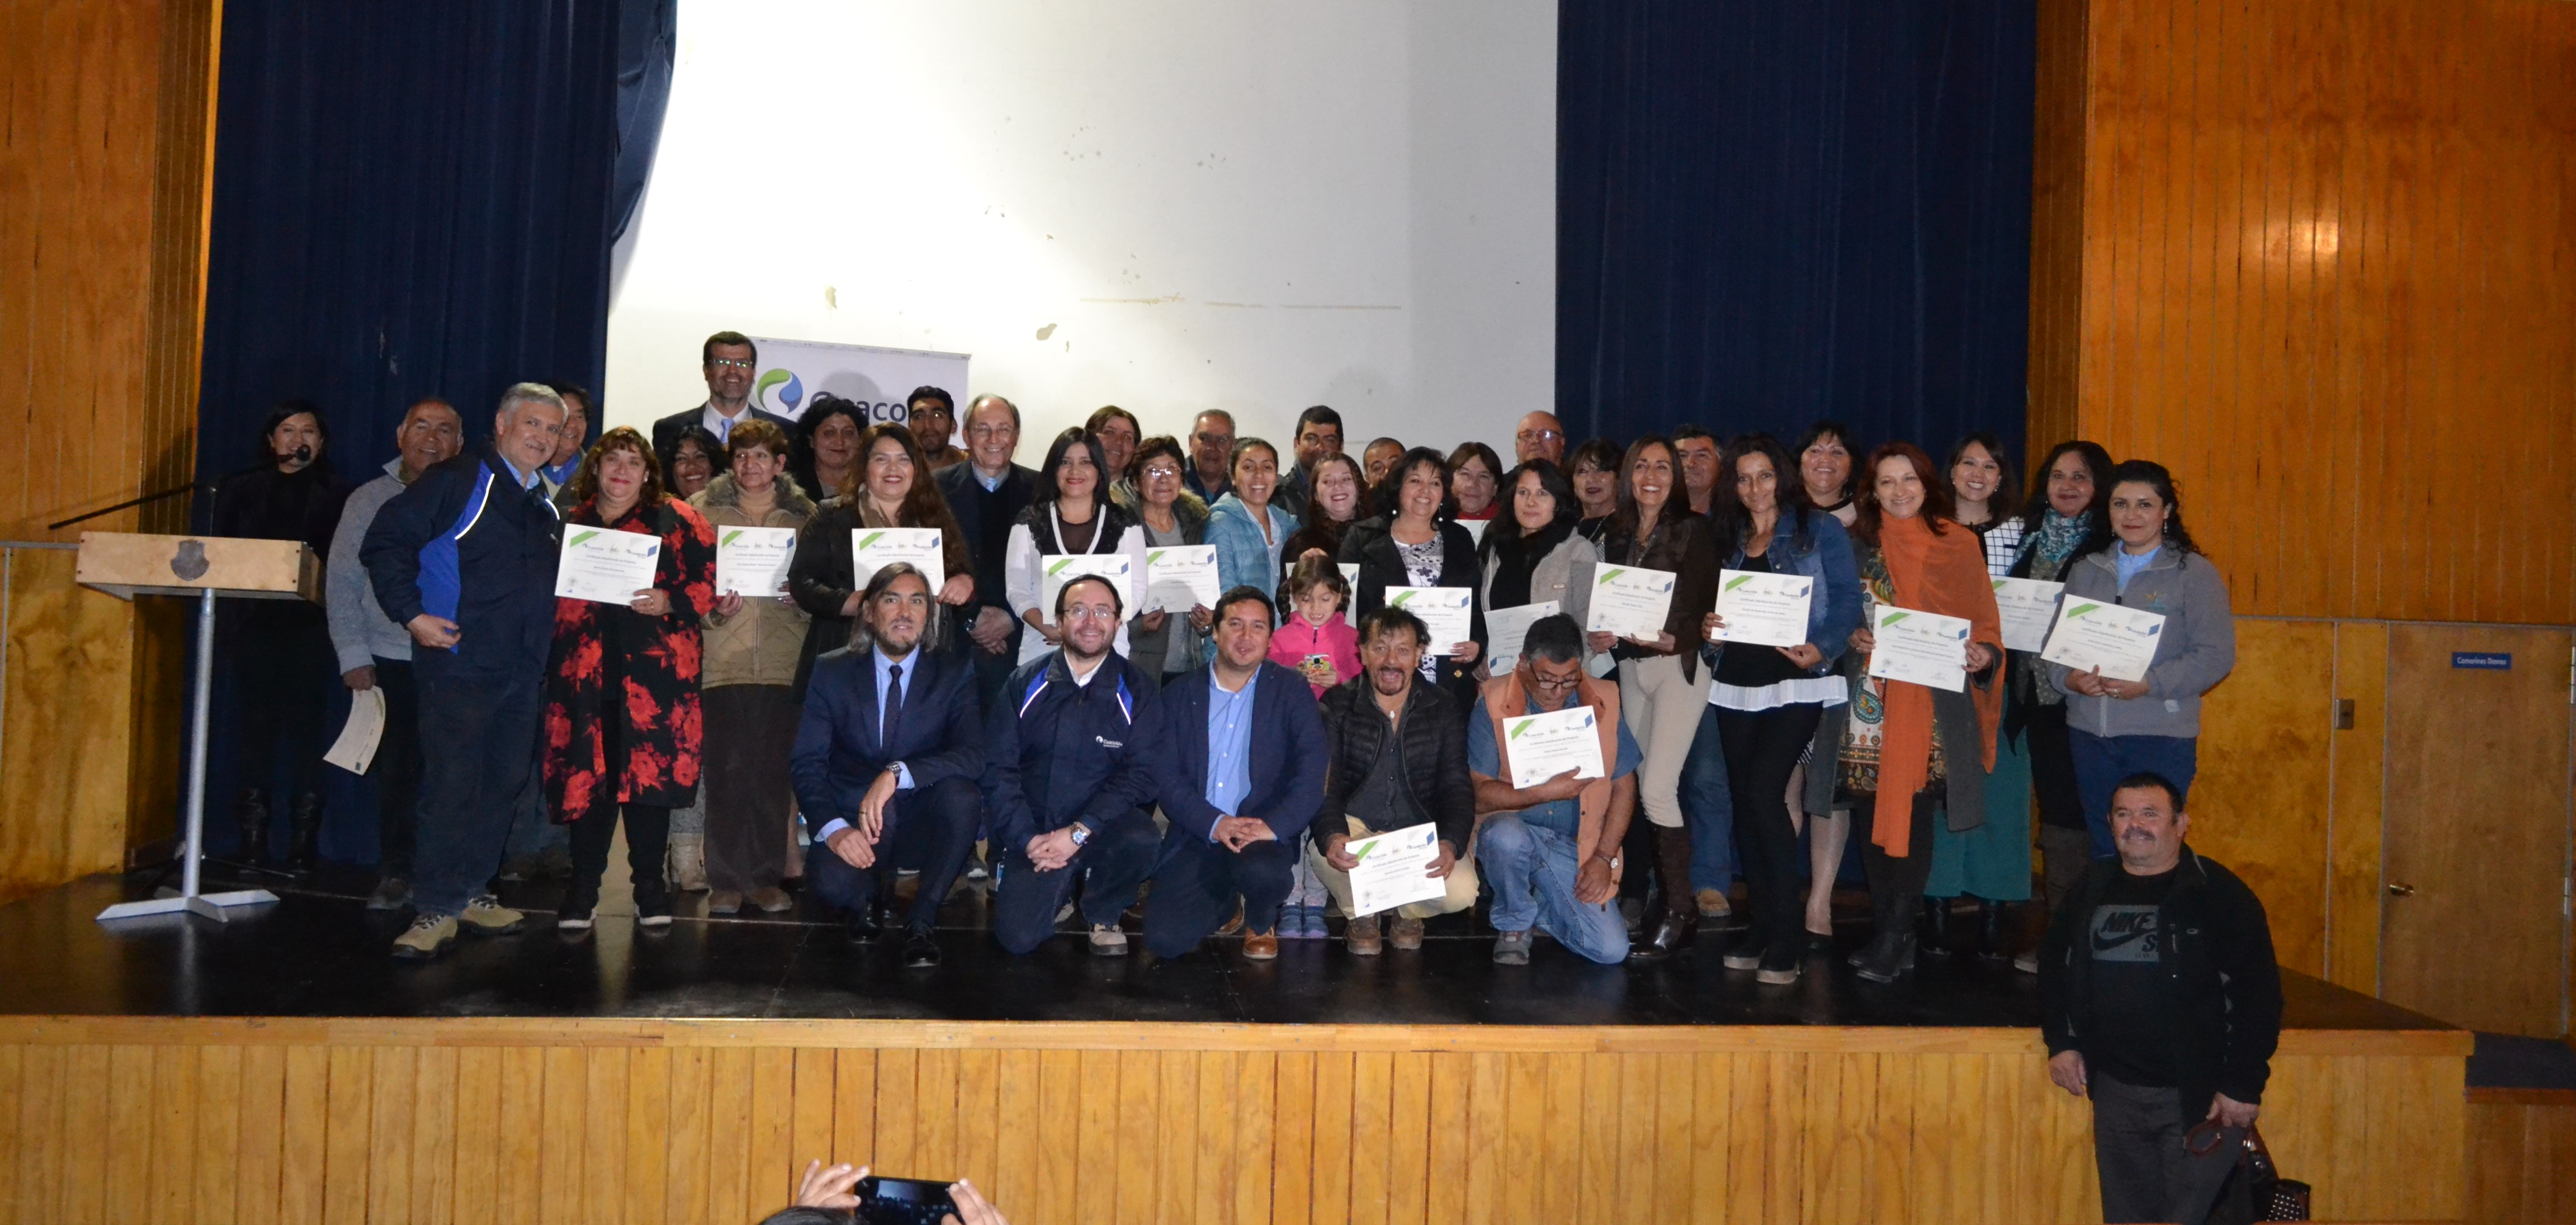 Realizan ceremonia de certificación para los 33 ganadores de los fondos concursables